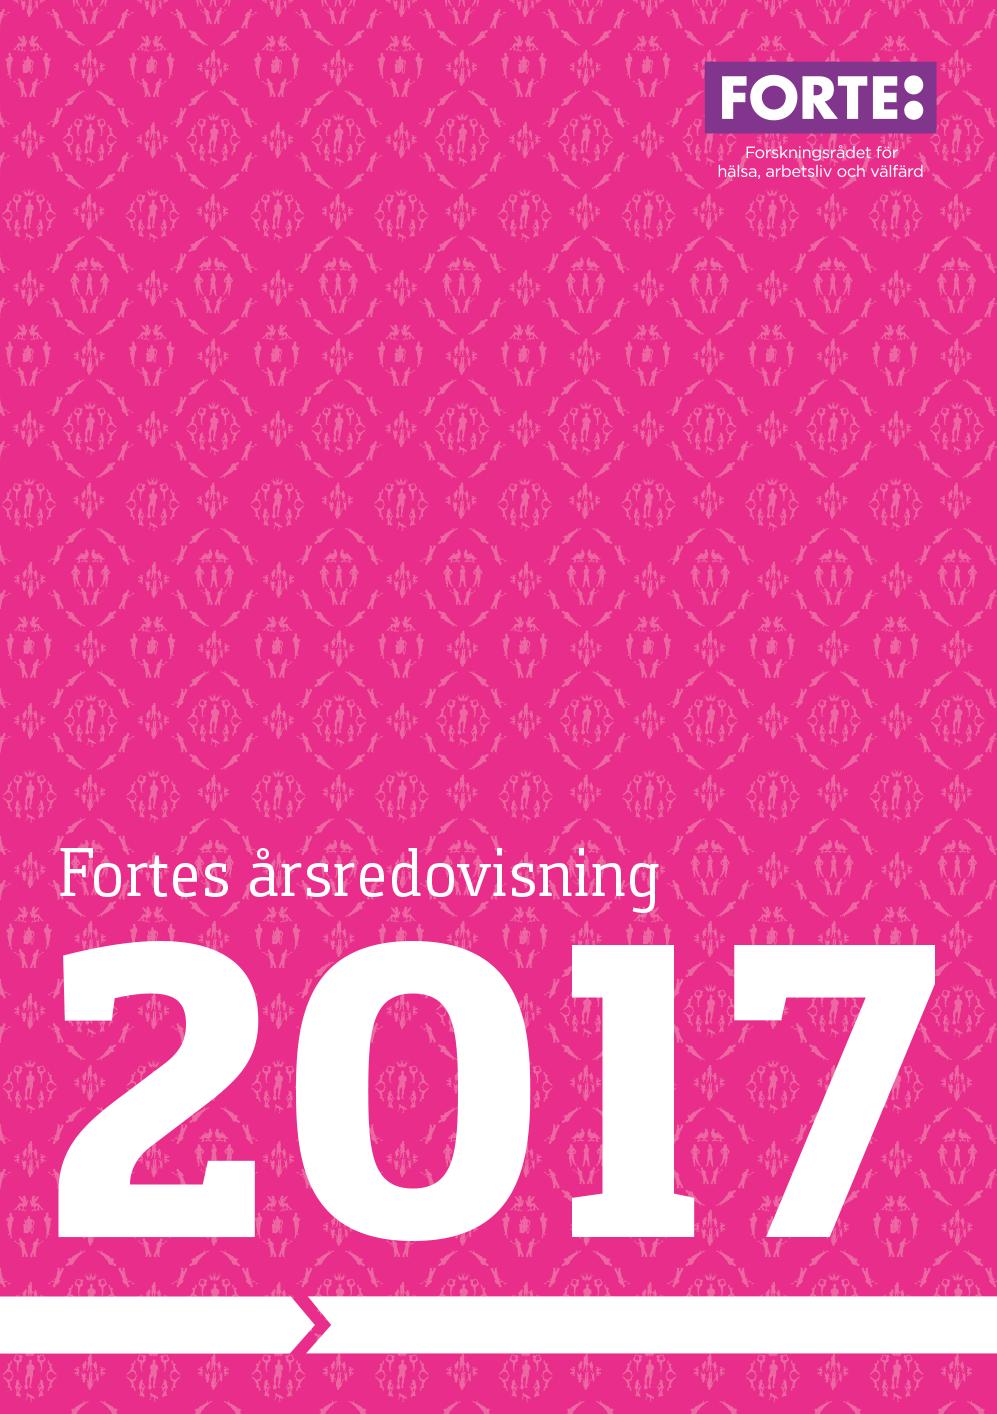 Fortes årsredovisning 2017